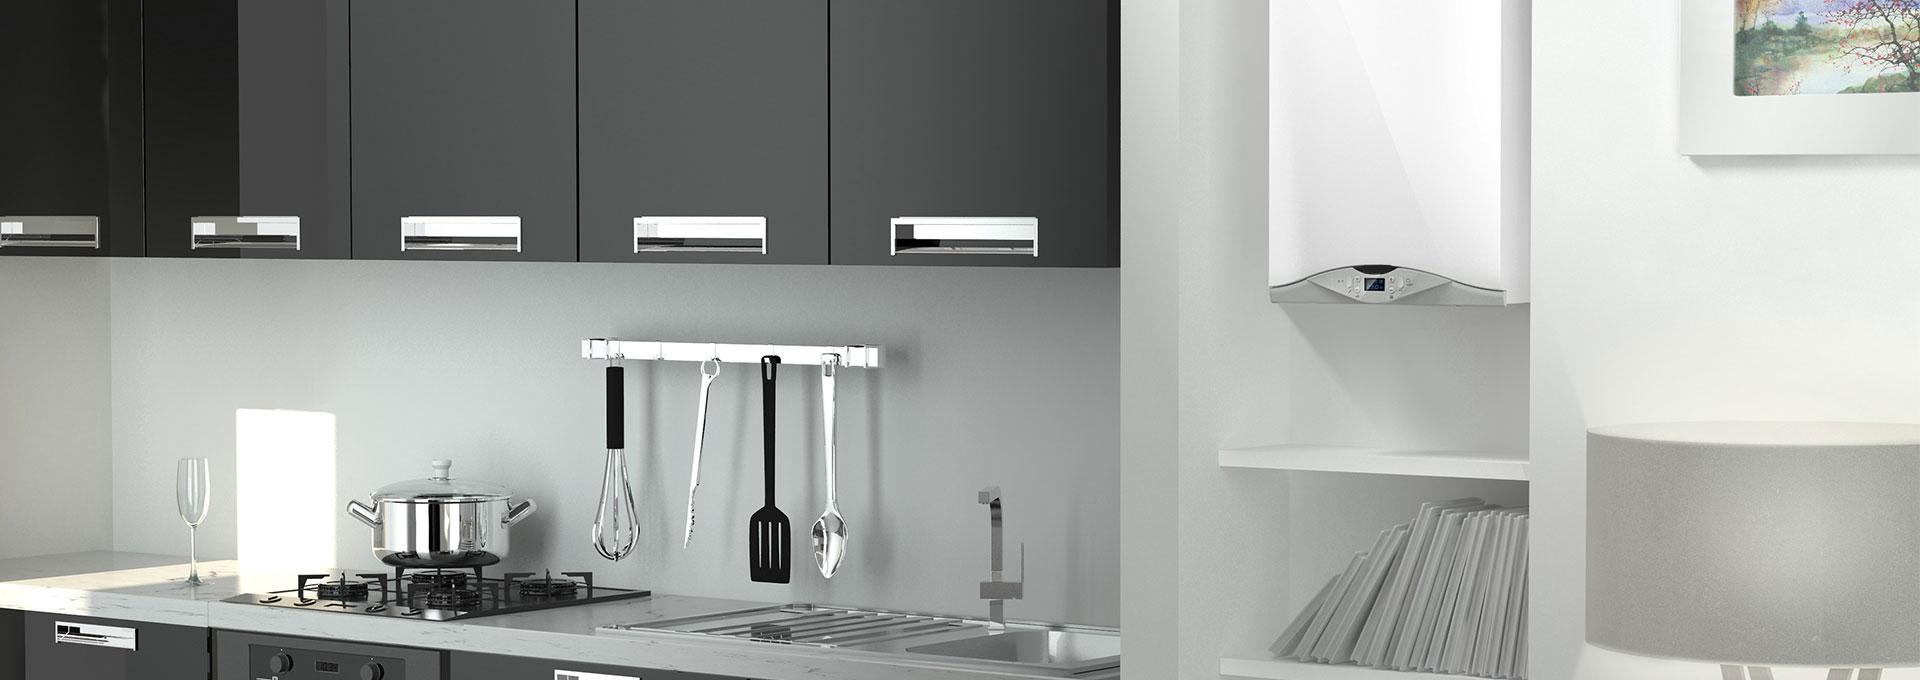 Caldaie a Condensazione: Installazione e Progettazione